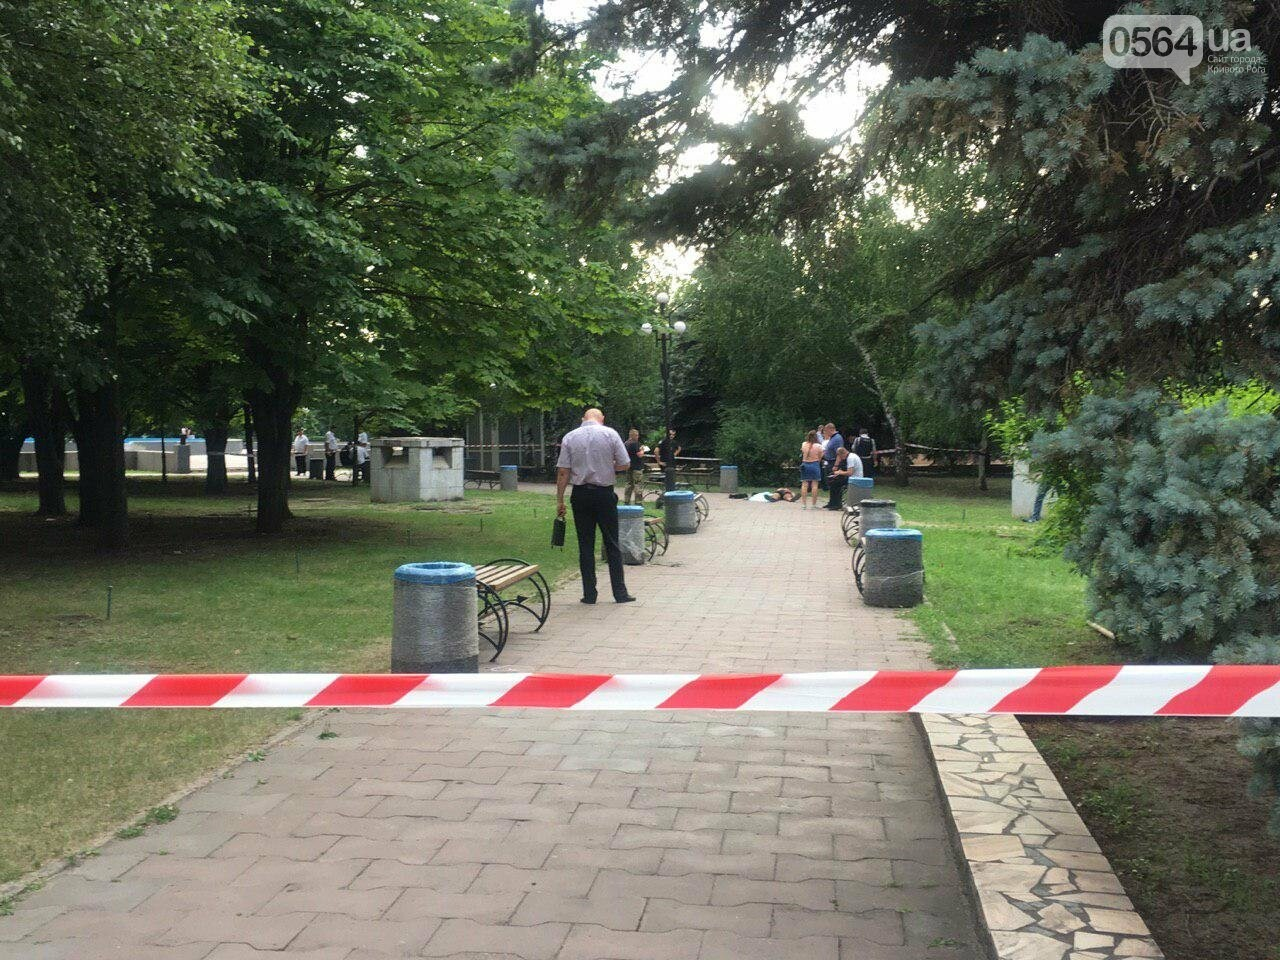 Возле мэрии Кривого Рога найдено тело мужчины с ножевыми ранениями. Рядом с убитым находится его собака, - ФОТО, ВИДЕО 18+, фото-12